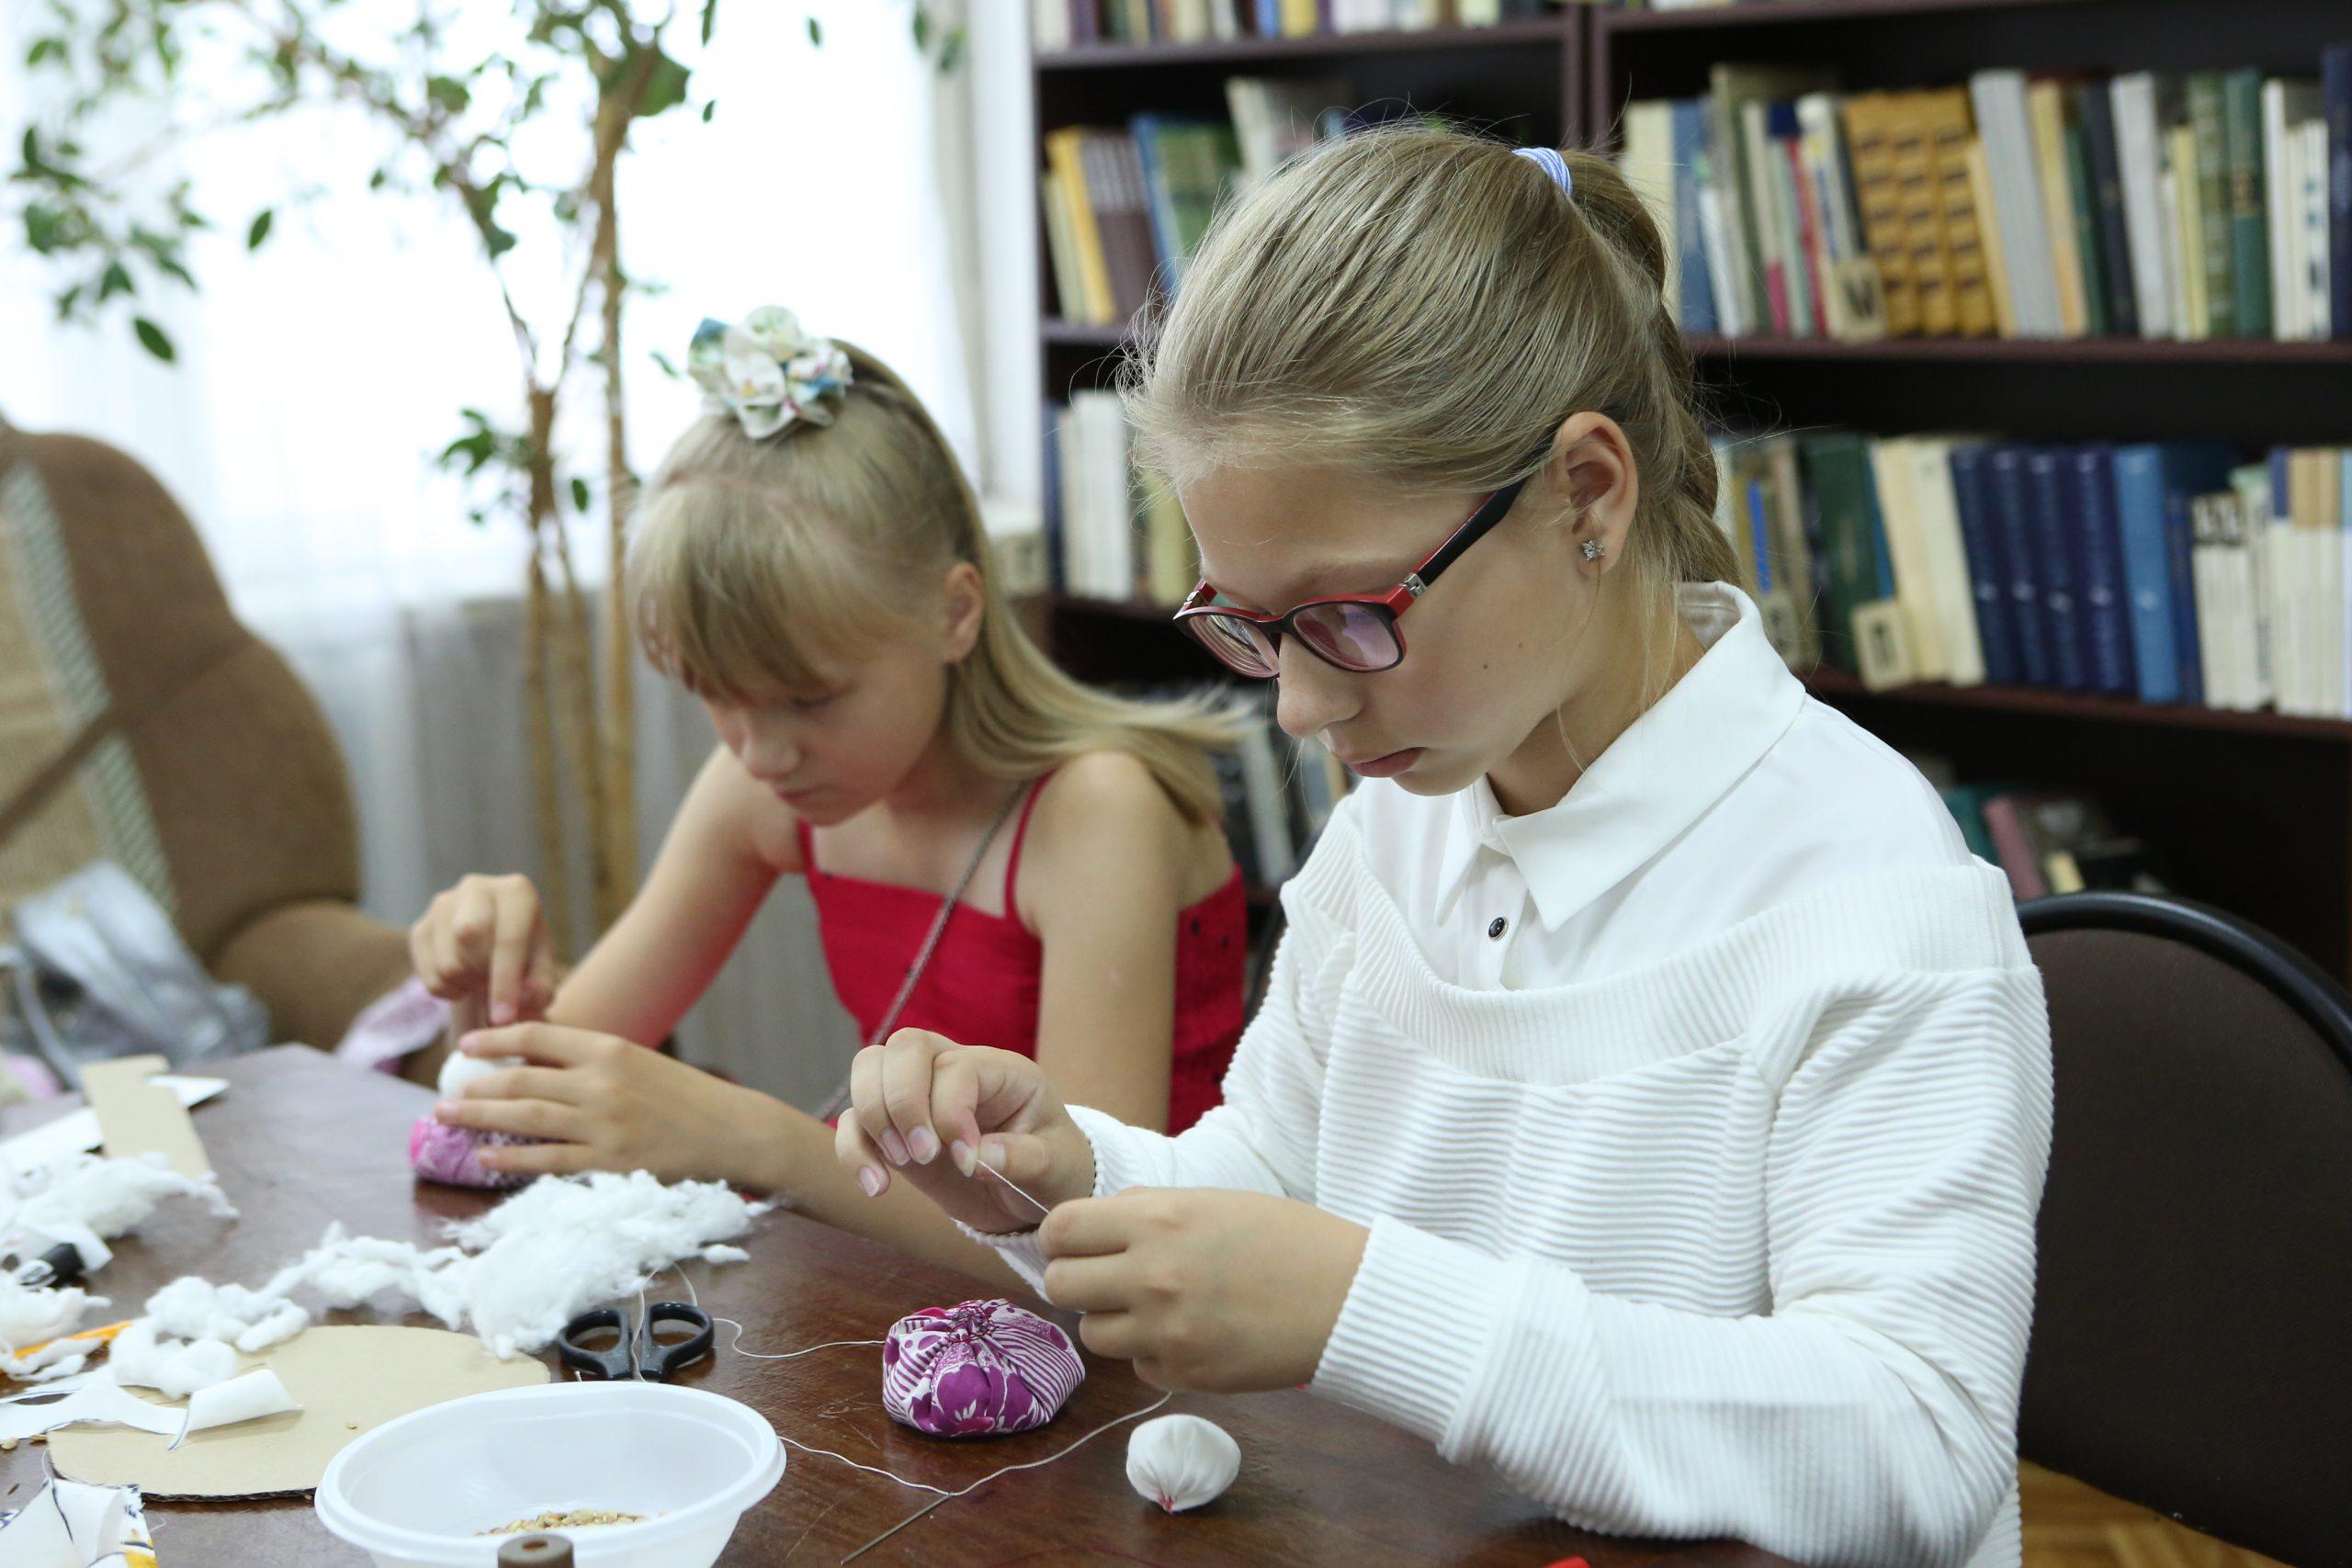 Мастер-класс по созданию куклы бибабо прошел в подразделении «Марушкино» Культурного центра «Внуково»